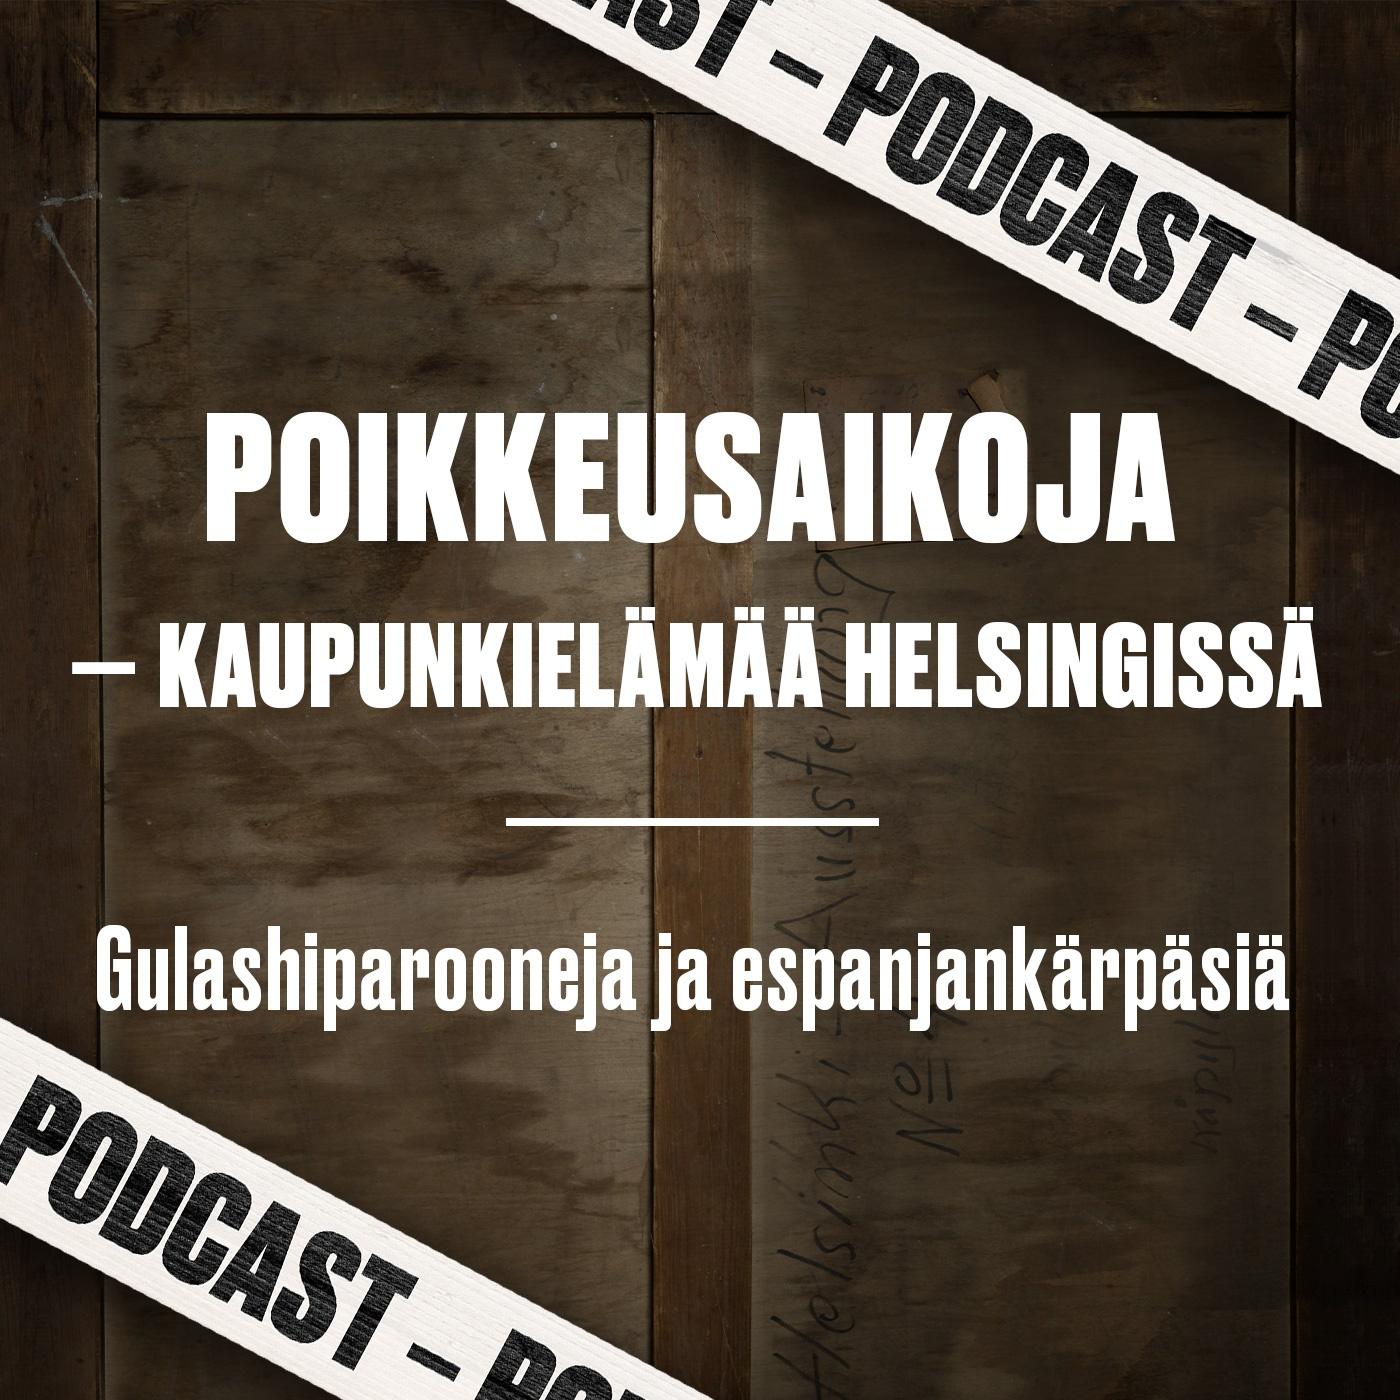 Poikkeusaikoja - kaupunkielämää Helsingissä